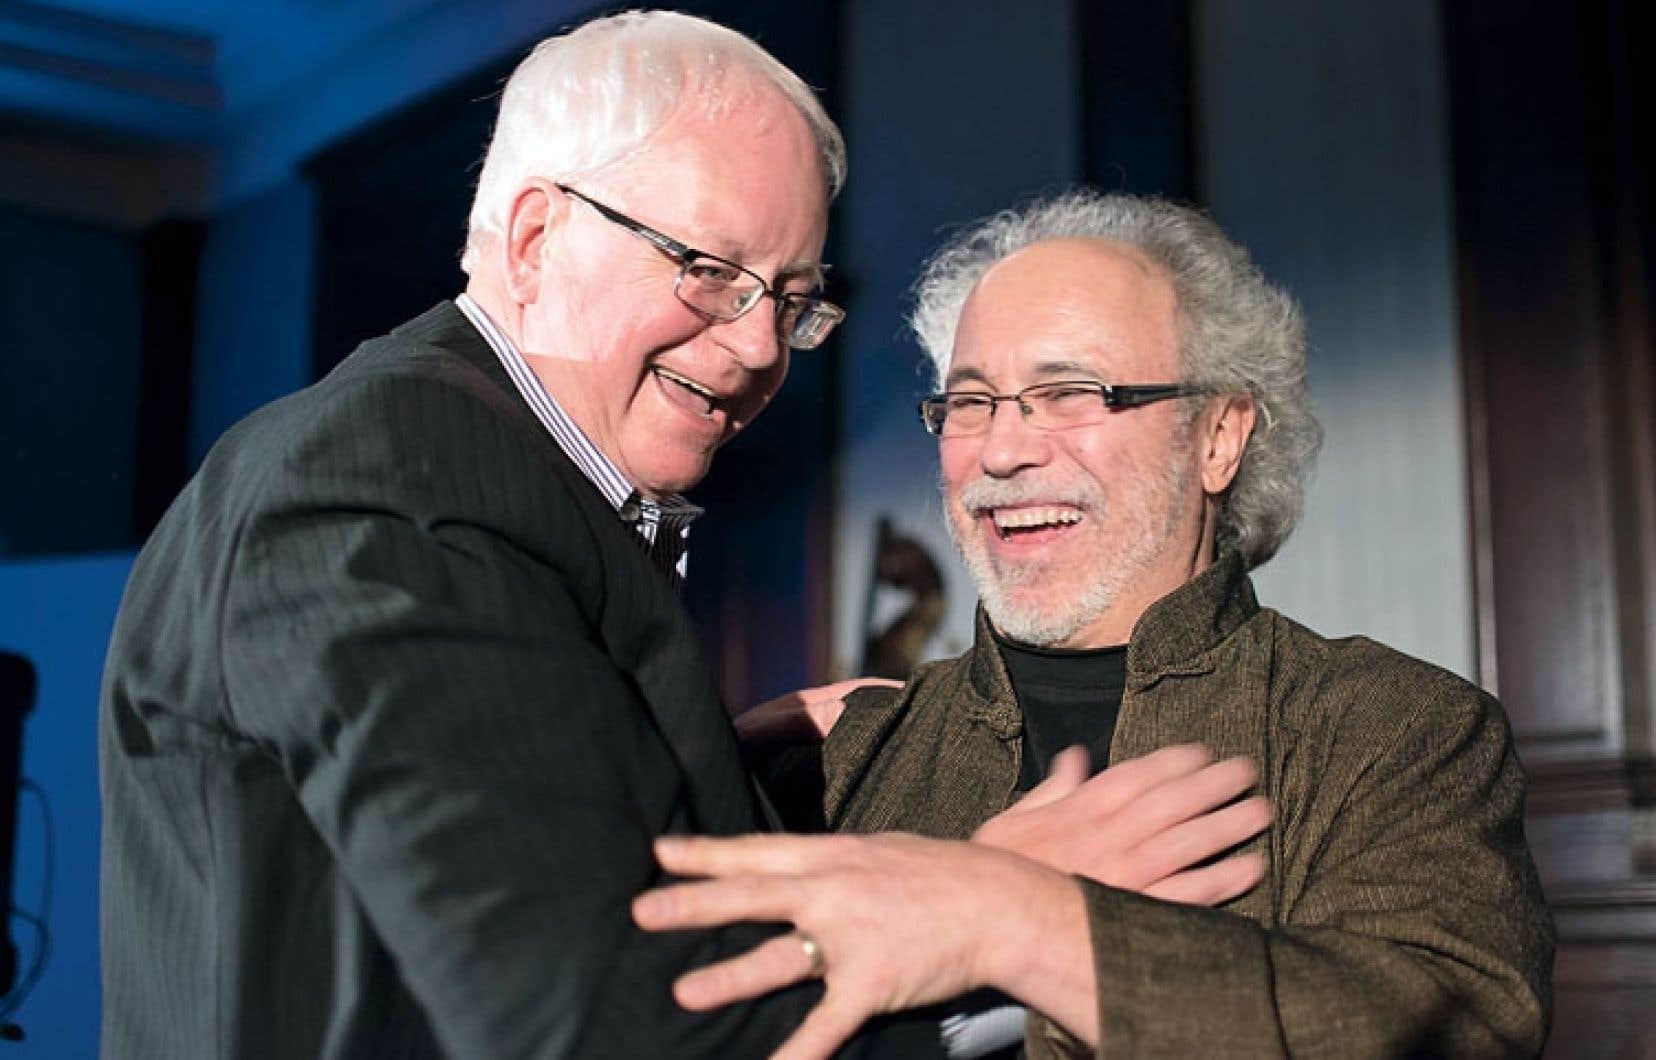 Le prix Hommage, décerné par les anciens présidents de la Fédération, récompense une carrière journalistique remarquable. Il est allé cette année à Michel Auger, bien connu pour sa couverture du crime organisé au Journal de Montréal pendant deux décennies. Le 13septembre 2000, il a été atteint par six projectiles dans une embuscade tendue dans le stationnement de son journal. M.Auger a aussi travaillé au Nouvelliste, au Montréal Matin, à La Presse et à la CBC. Sur la photo, il est en compagnie de Jean-Pierre Charbonneau, qui avait été aussi victime d'un attentat en mai1973 en pleine salle de rédaction du Devoir.